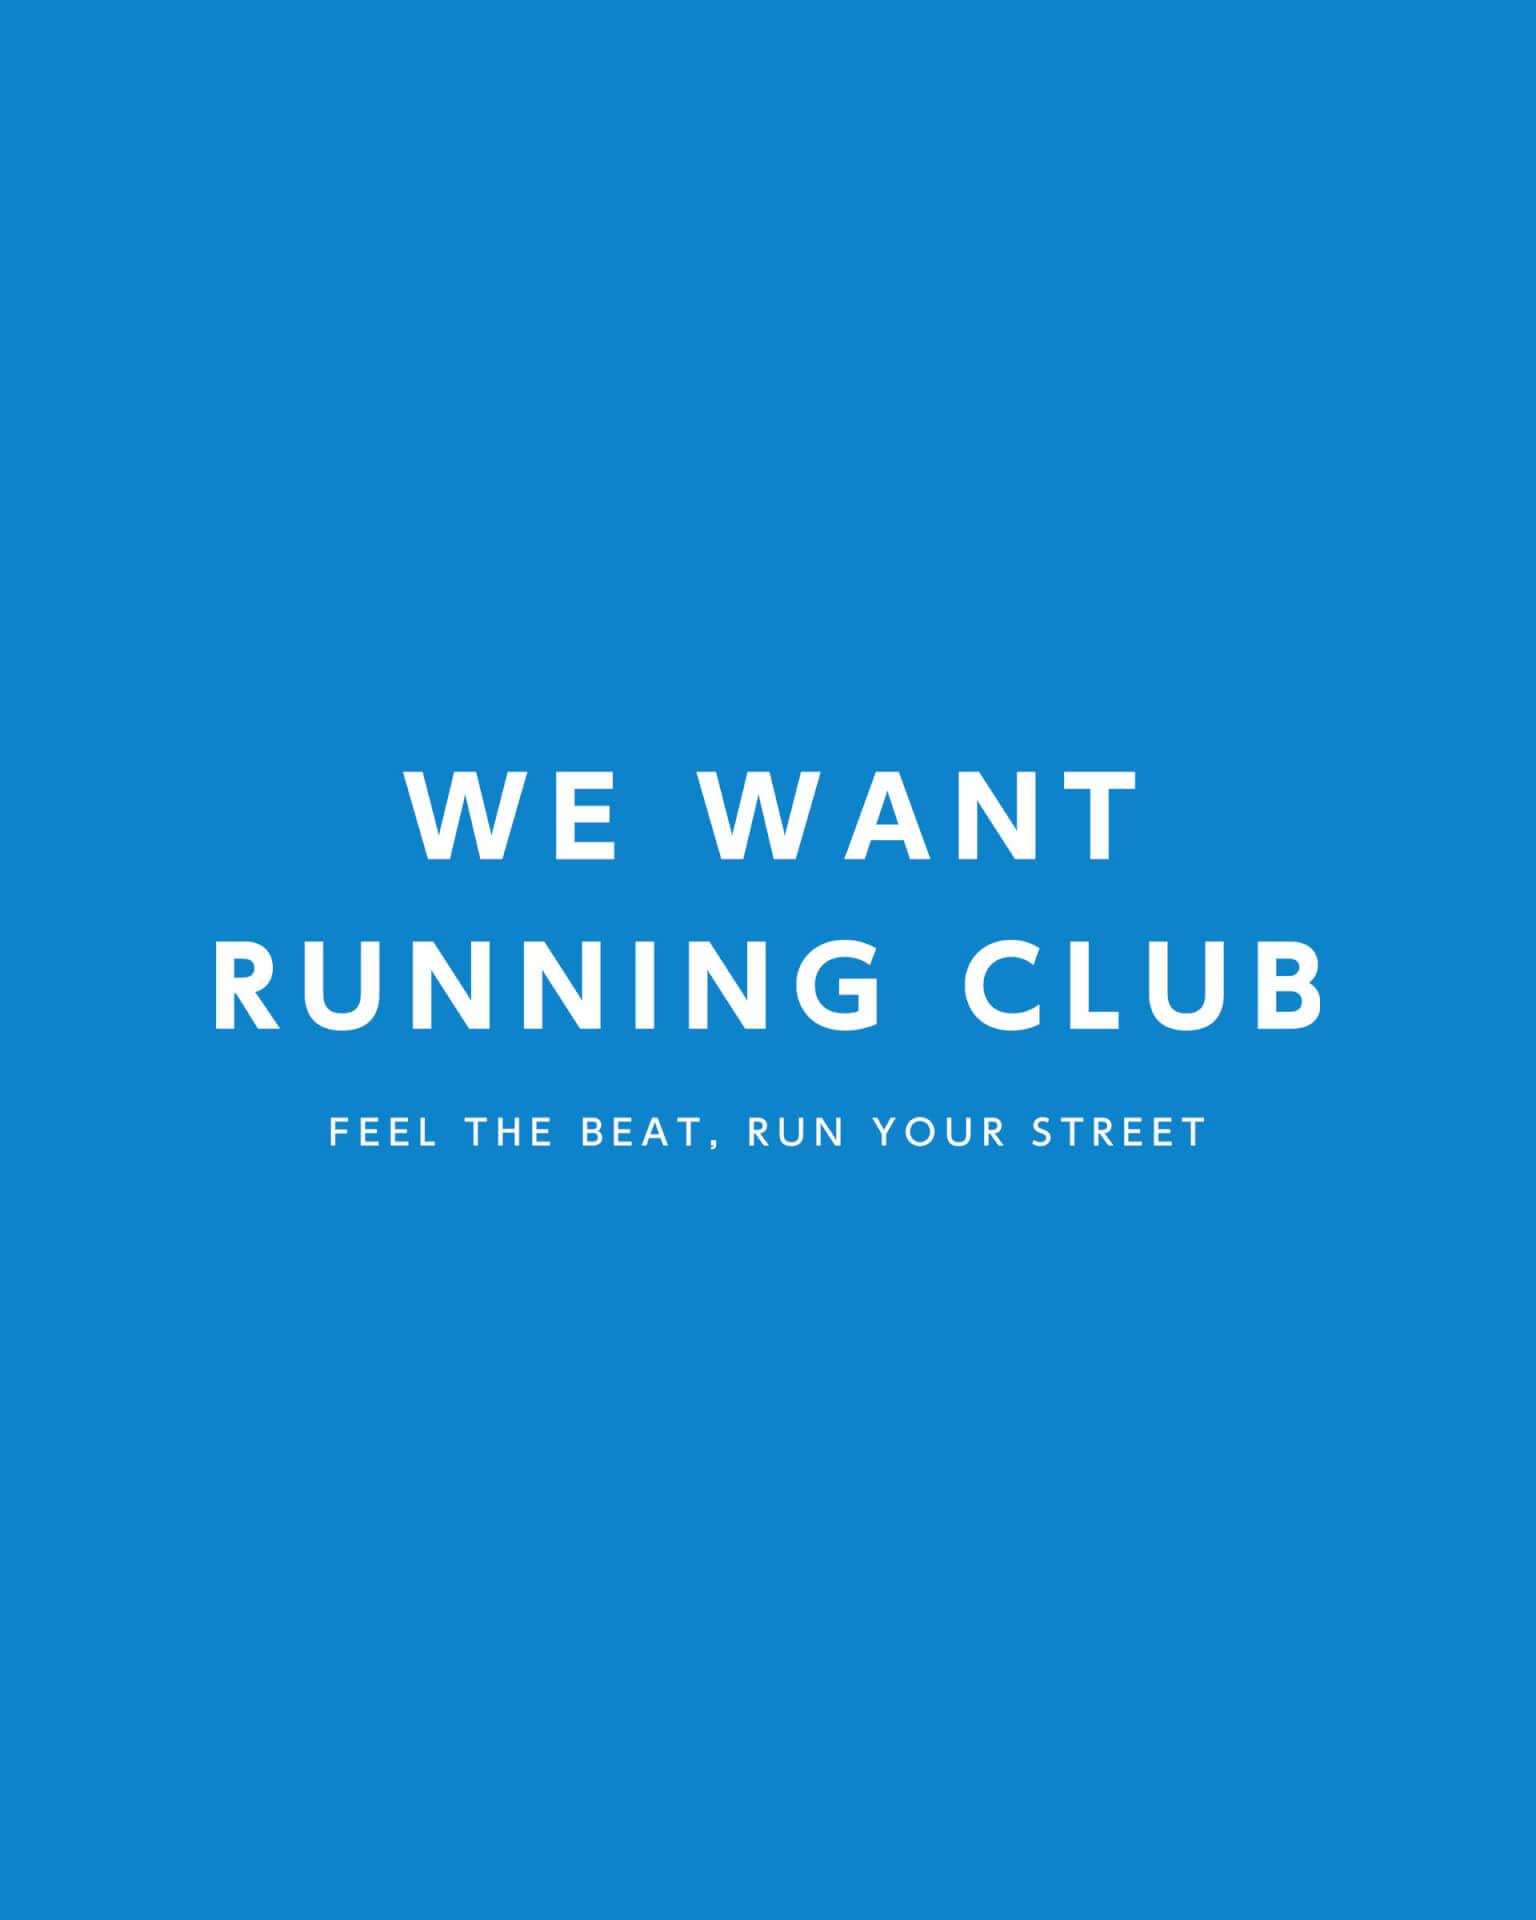 ランニング中に満喫できるMIXが聴けるオンライン・ソーシャルクラブ<WE WANT RUNNING CLUB>が誕生! music200520_wewantrunning_3